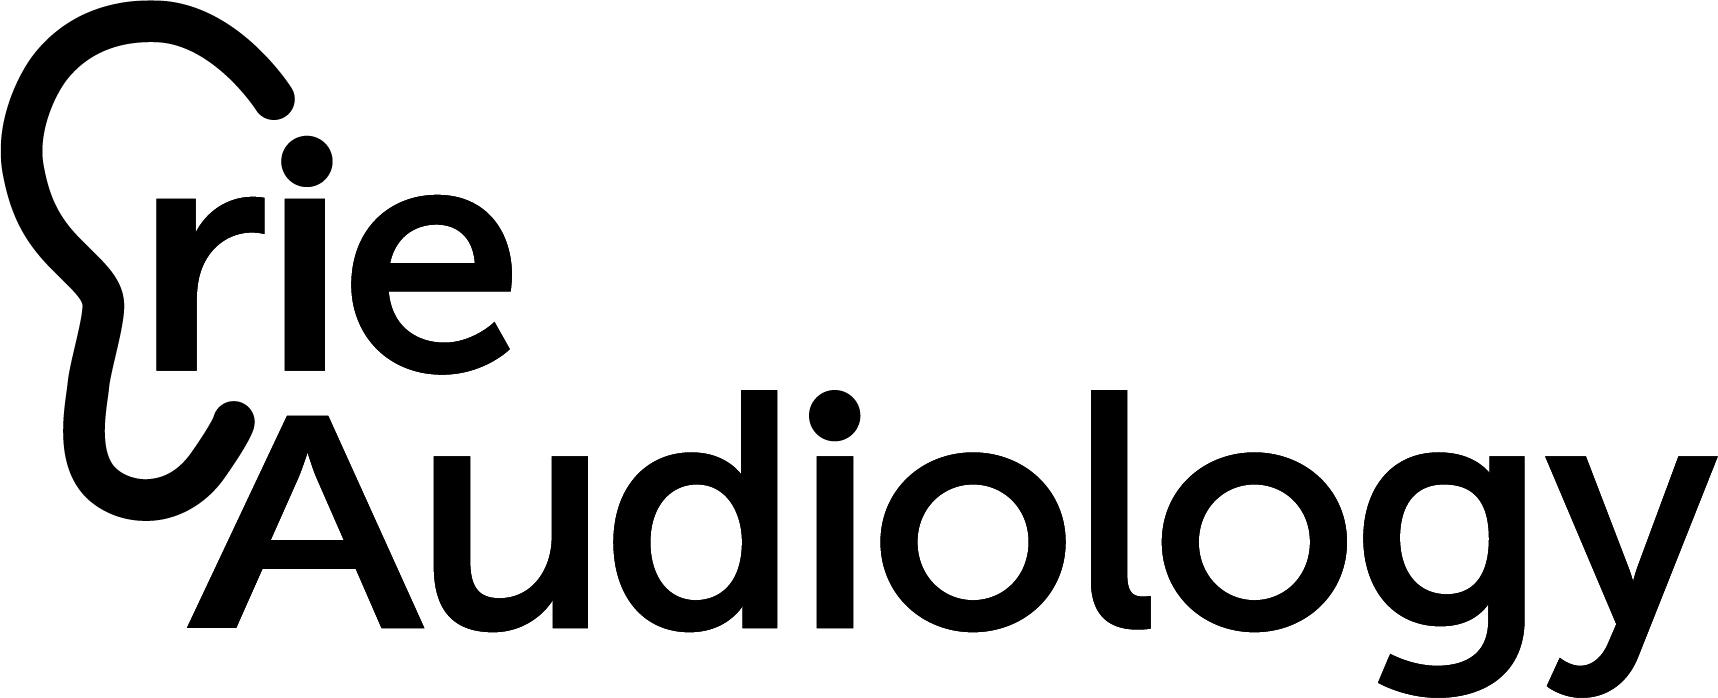 Erie Audiology_BLK.jpg